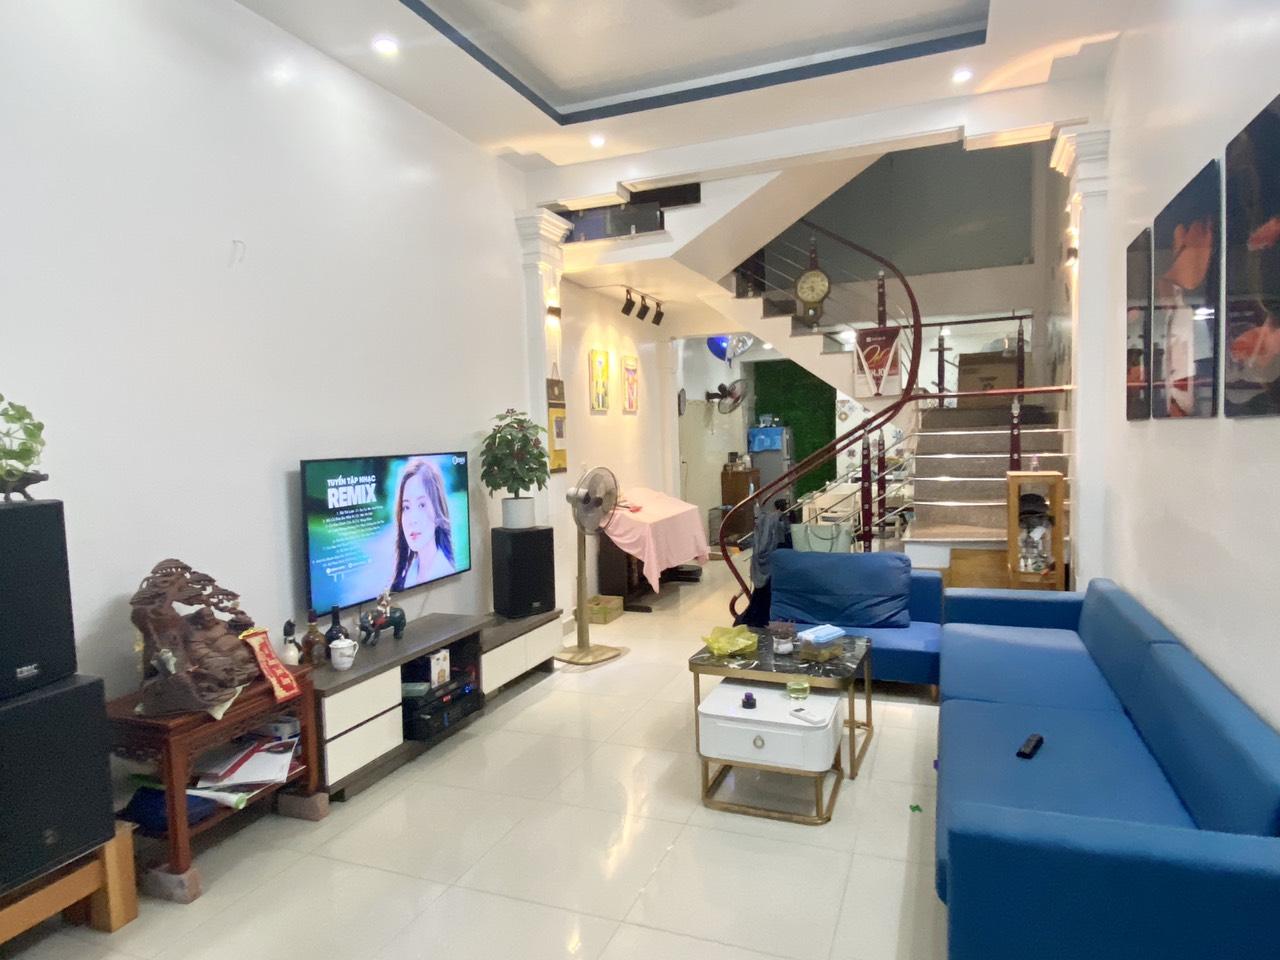 Bán nhà 3.5 tầng, ô tô vào nhà tại Phủ Thượng Đoạn, Đông Hải 1, Hải An, Hải Phòng